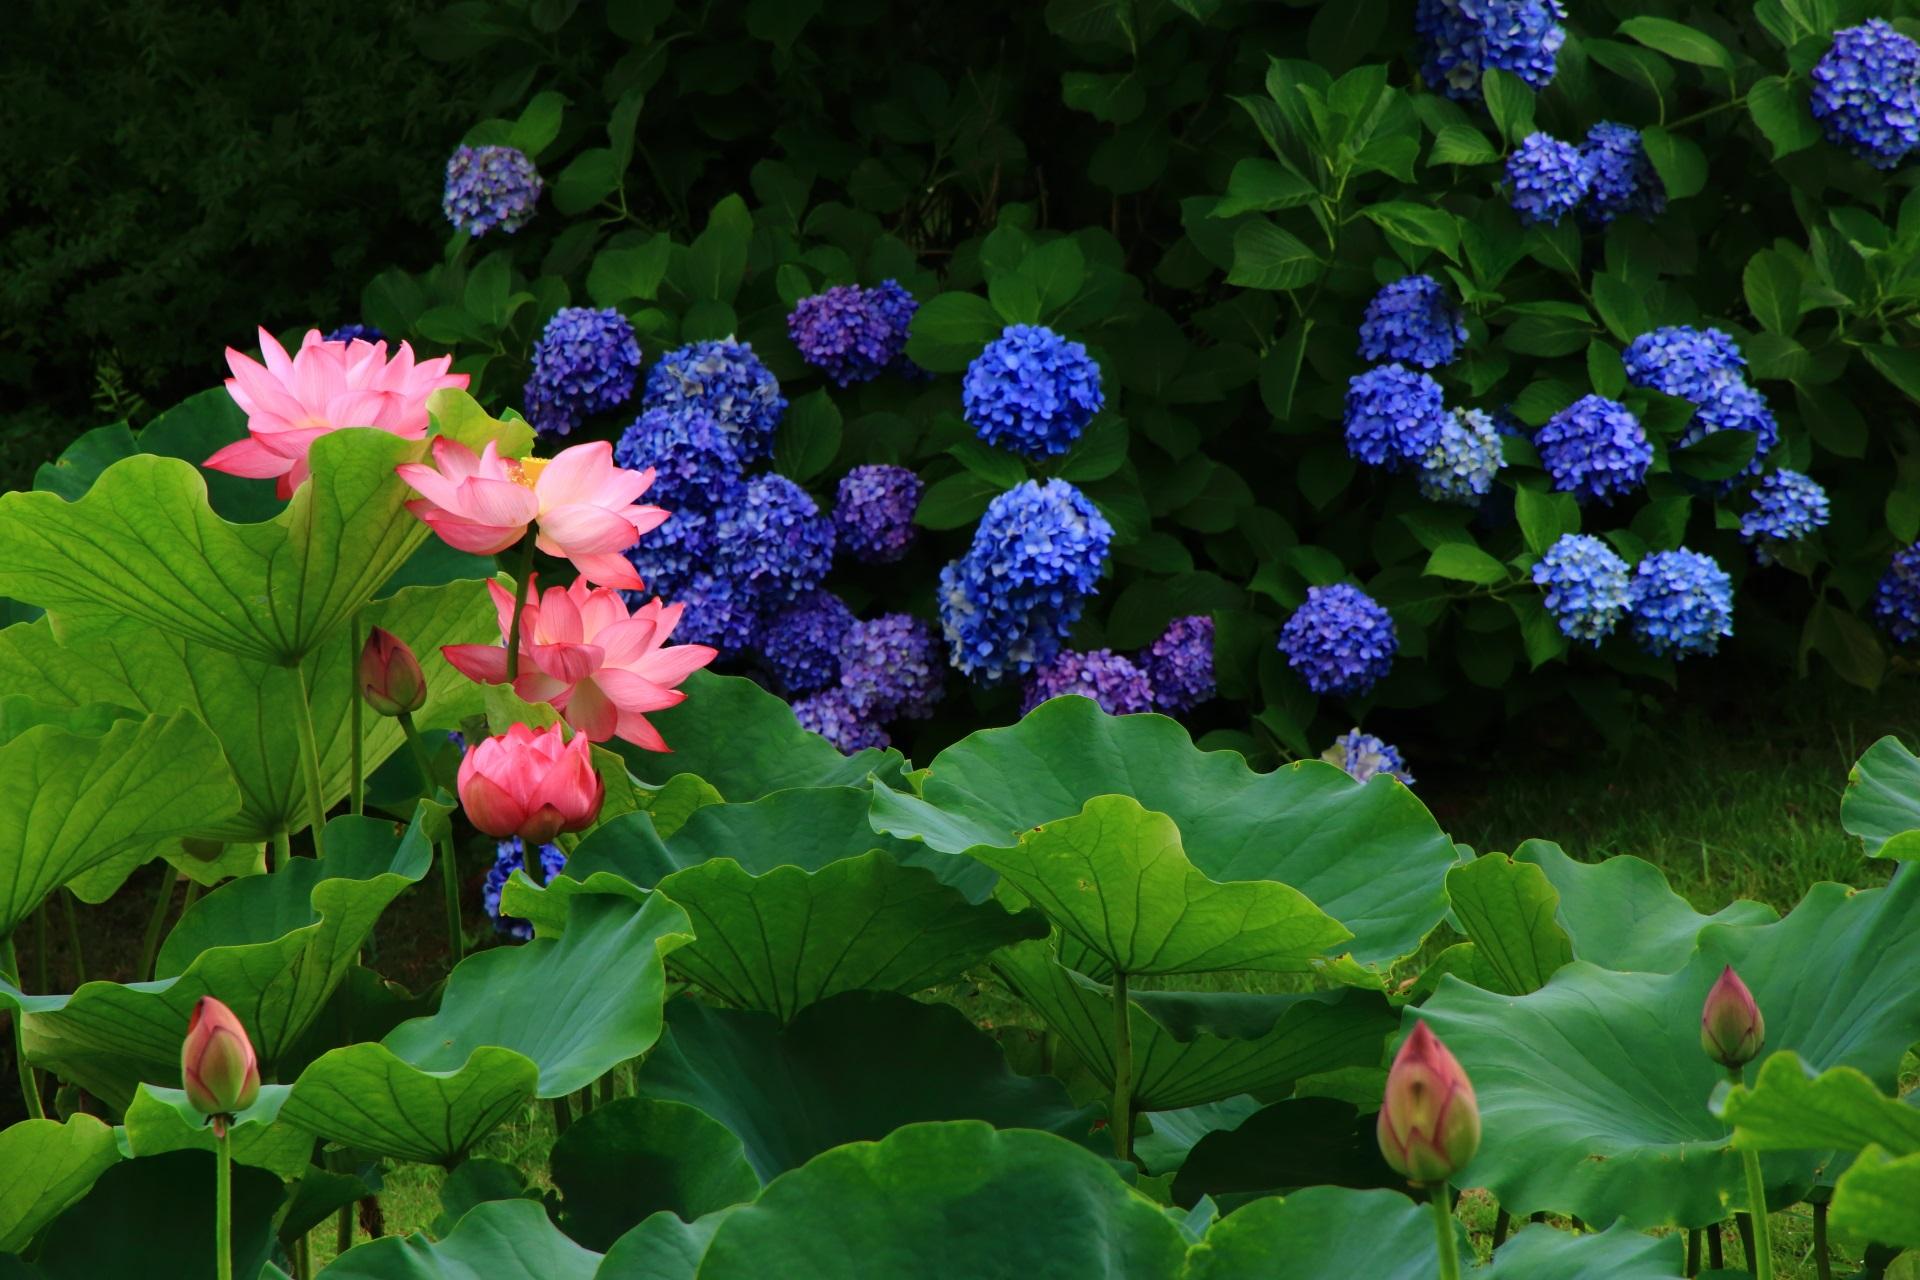 落ち着きの中にも華やかさのある鮮やかなブルーの紫陽花とピンクの蓮